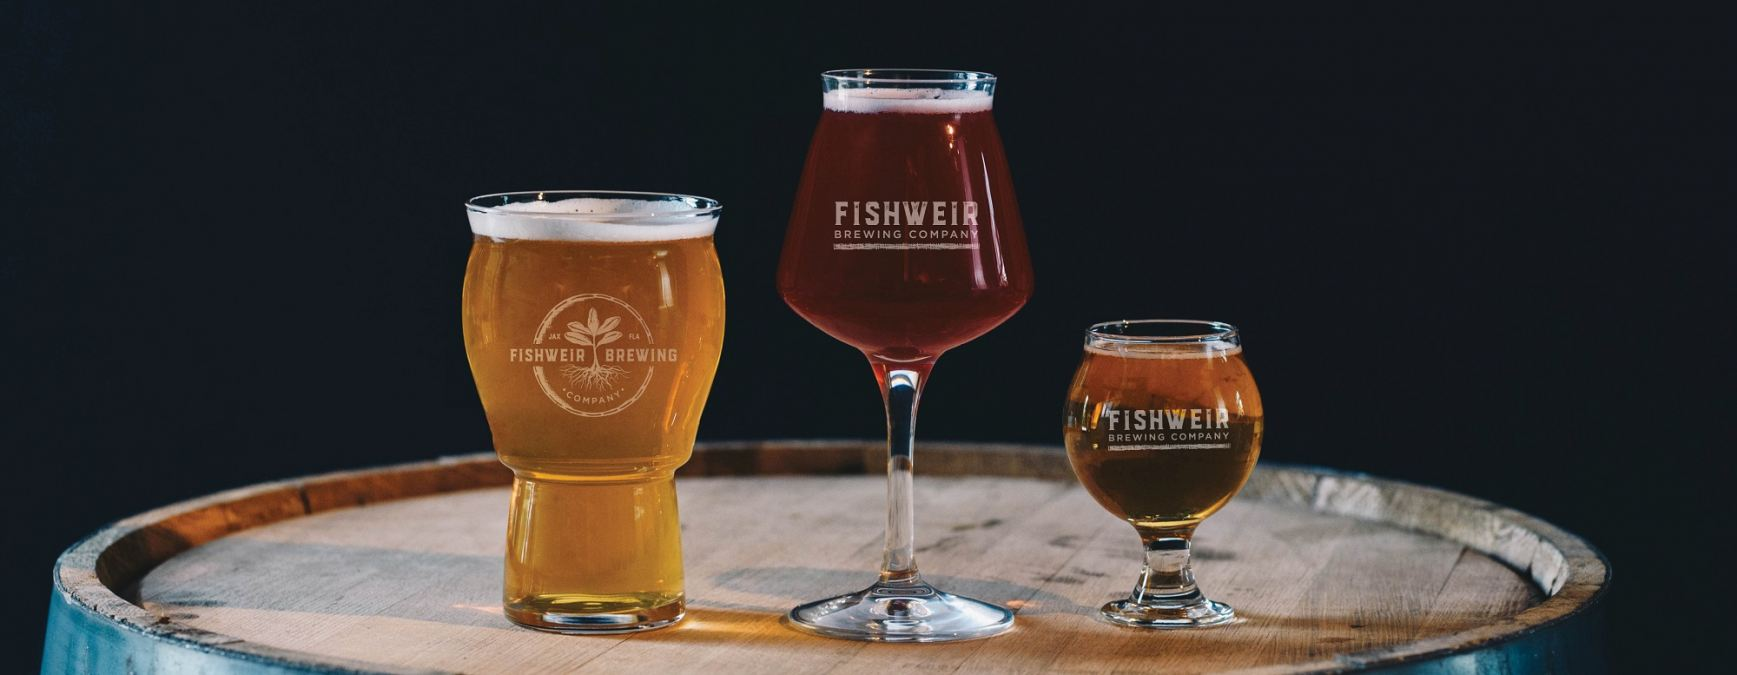 Fishweir Brewing